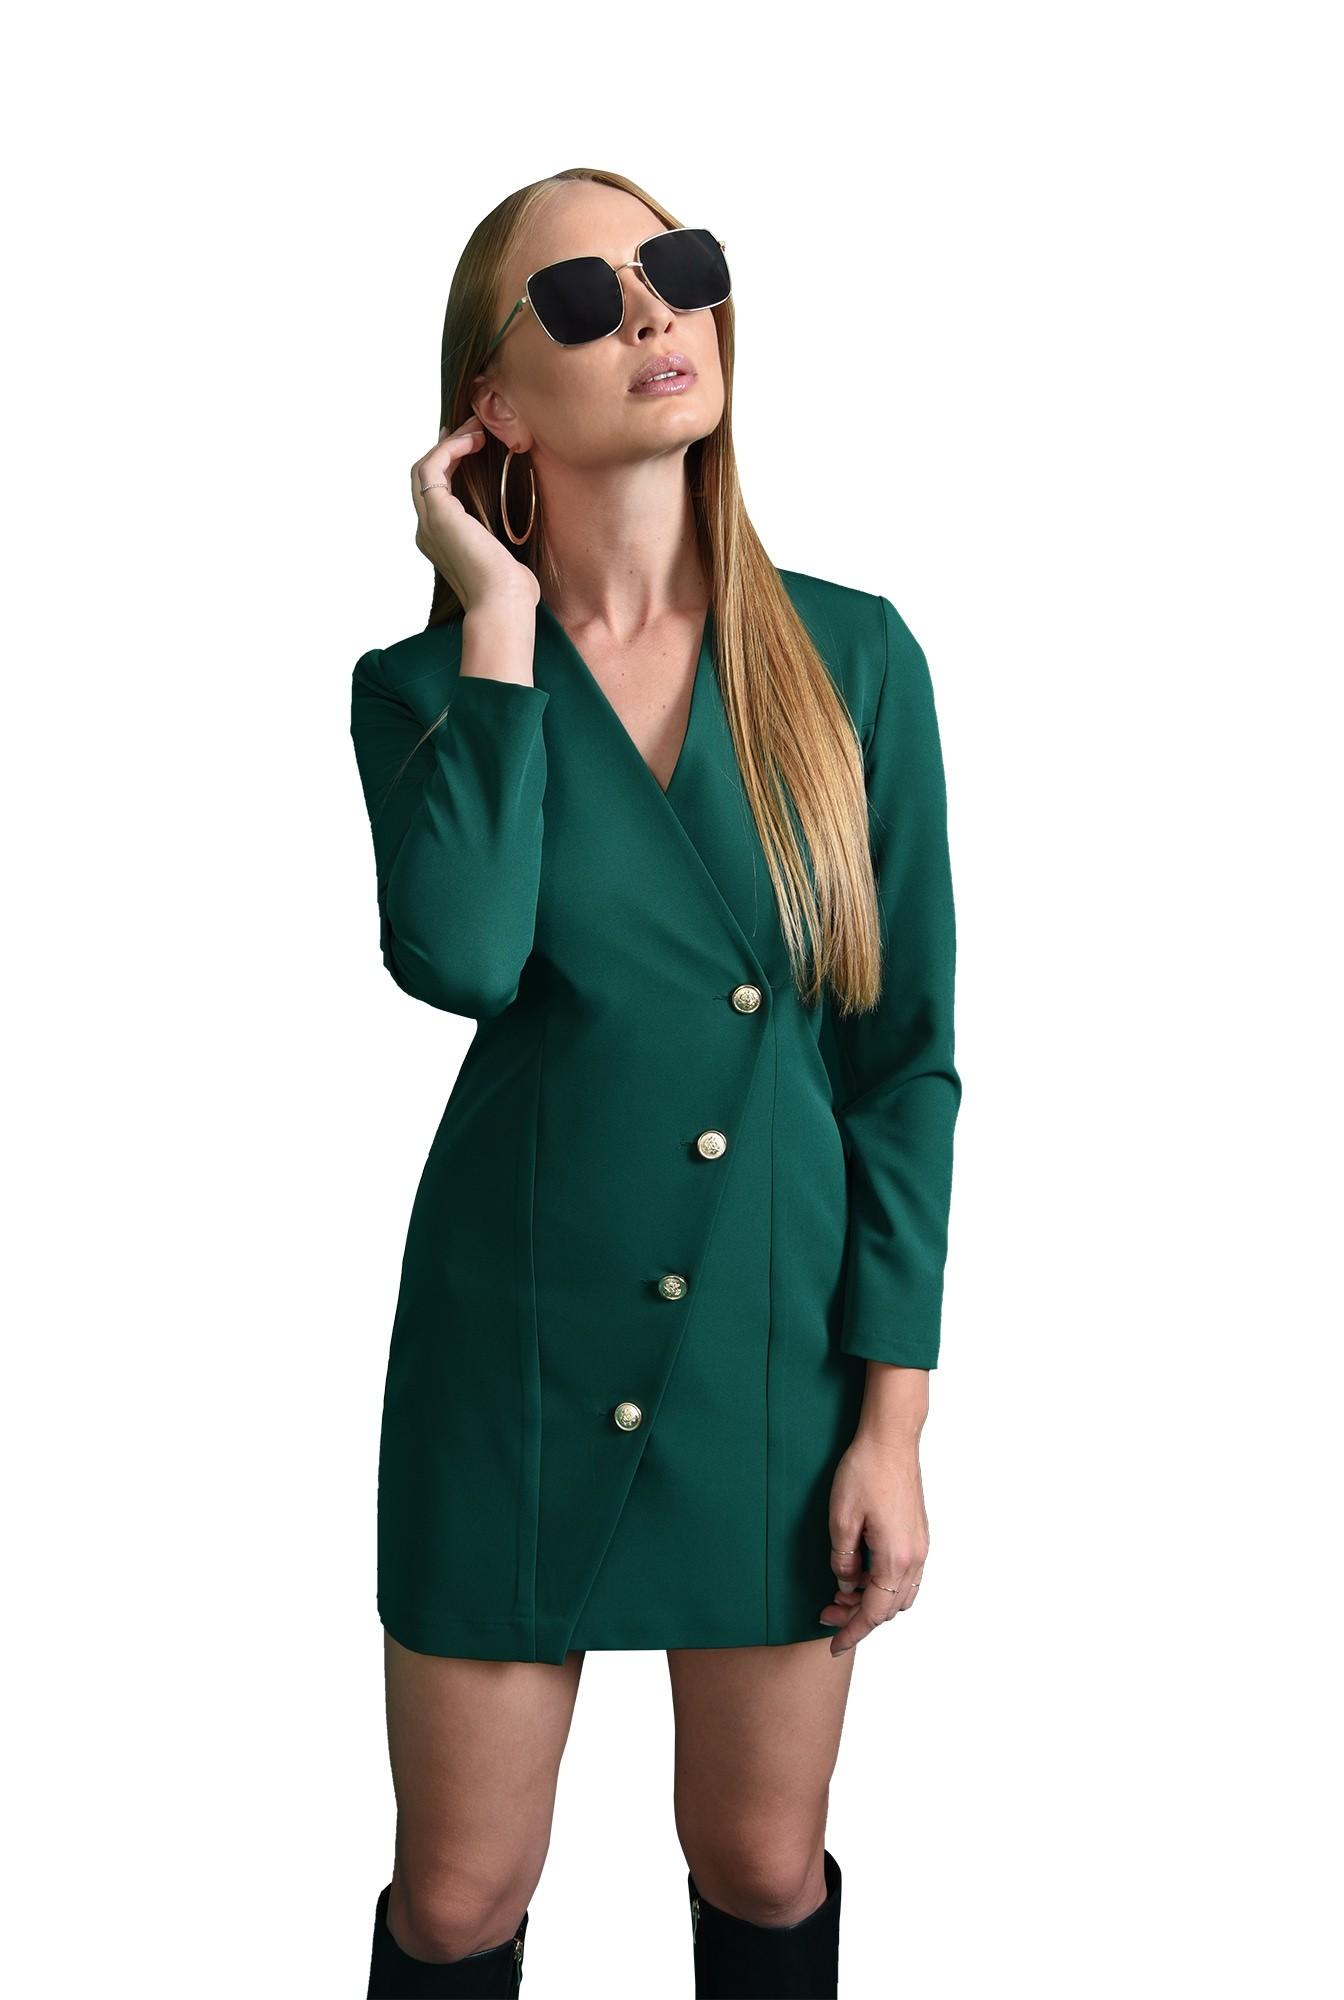 3 - rochie mini, verde, dreapta, cu nasturi